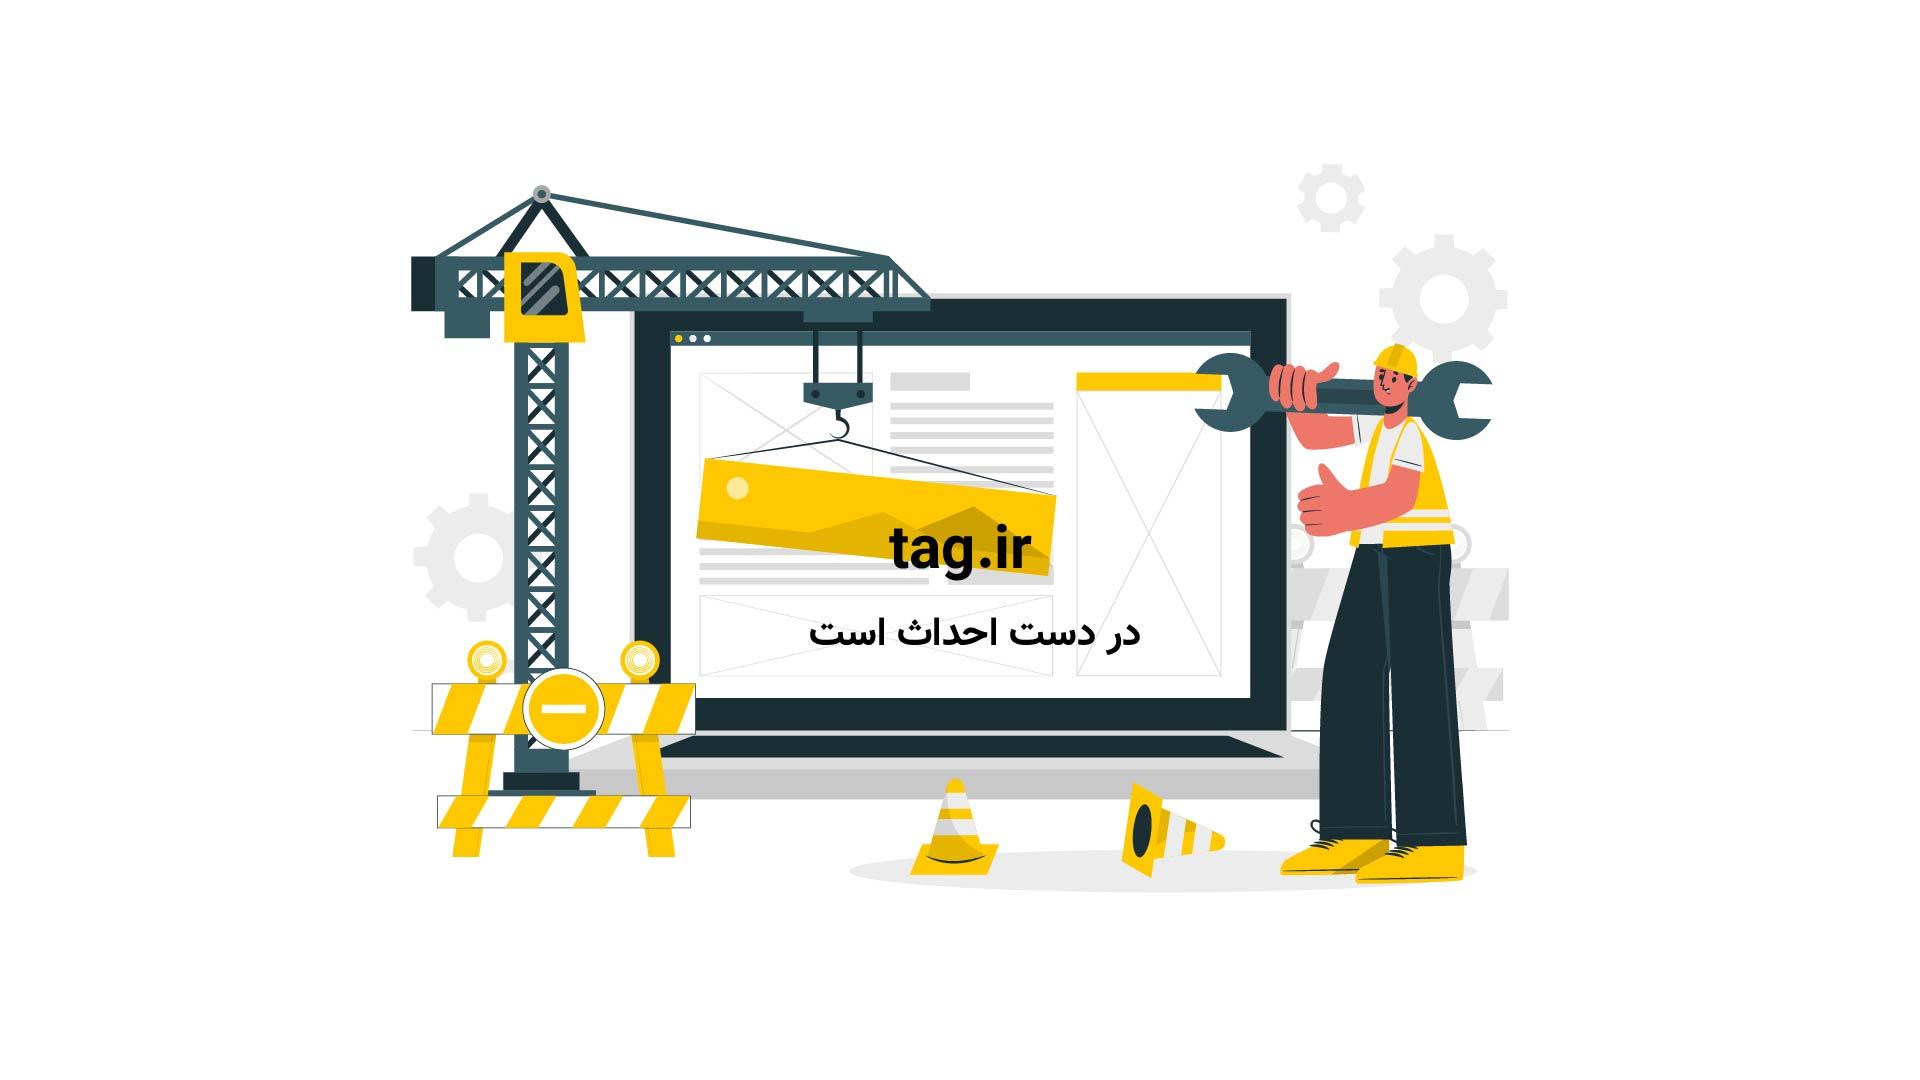 دوربین مخفی؛ واکنش مردم به کودکی که از سرما می لرزد | فیلم